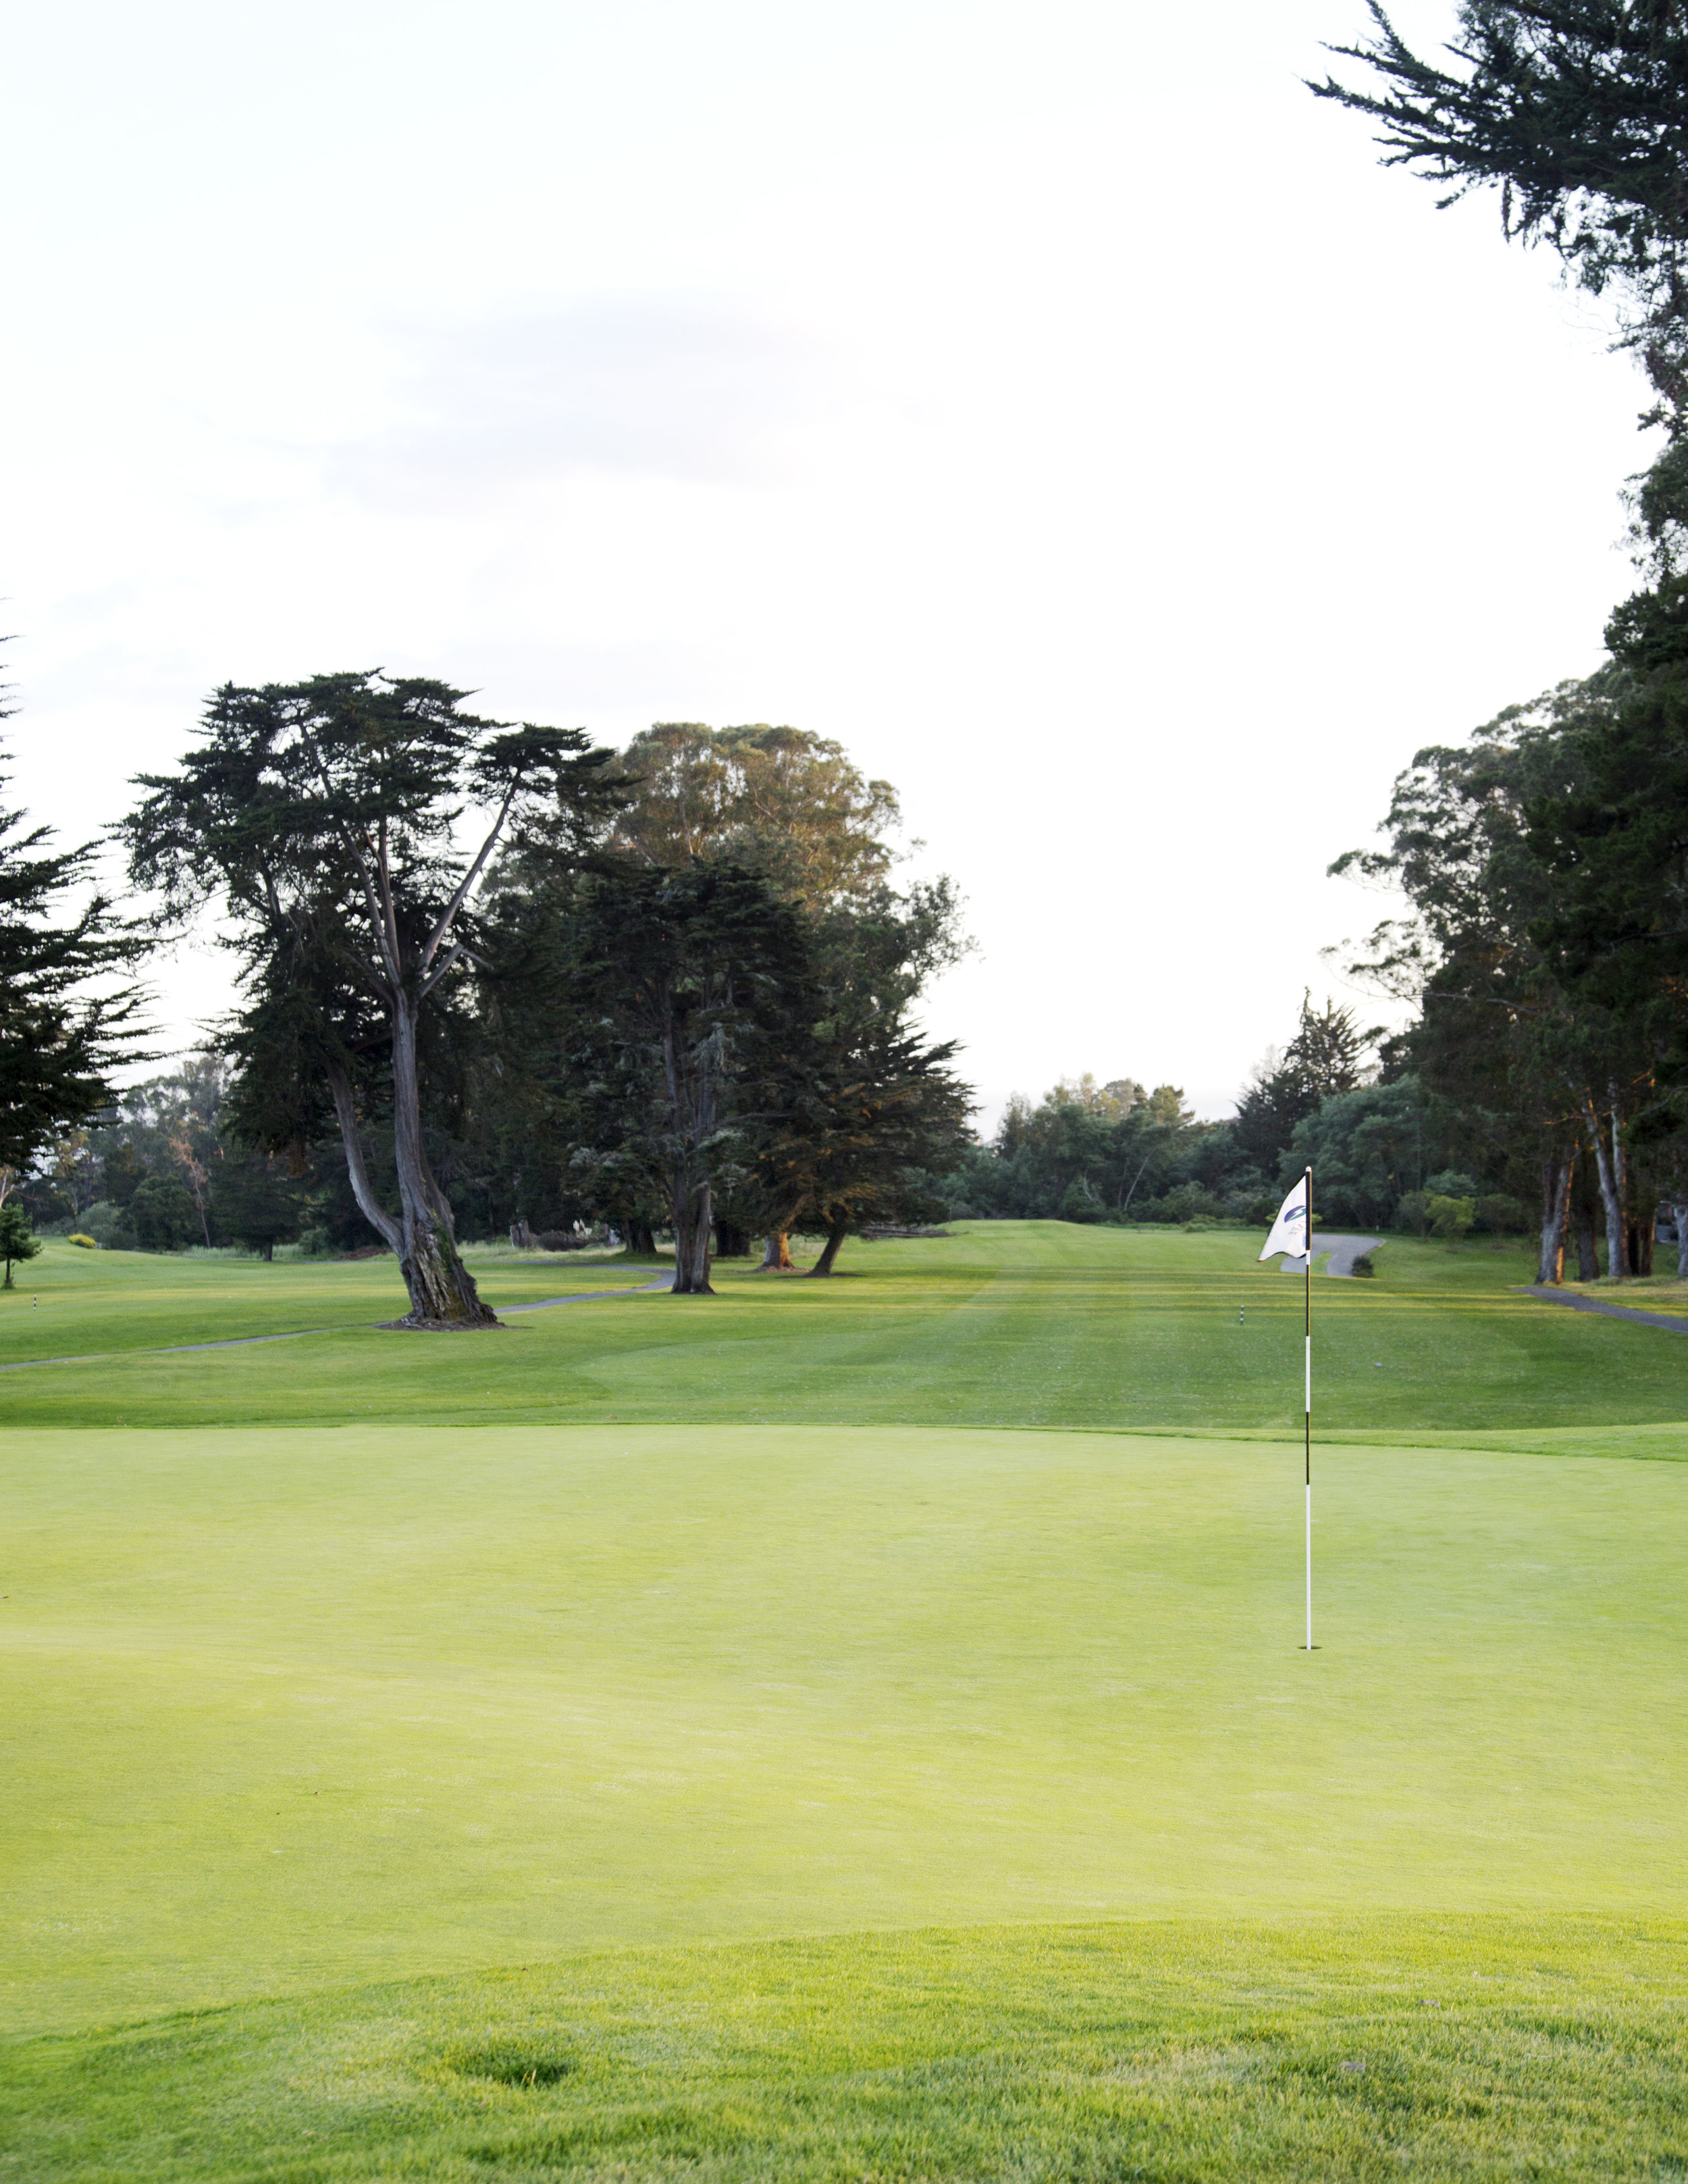 wetart golf photo.jpg